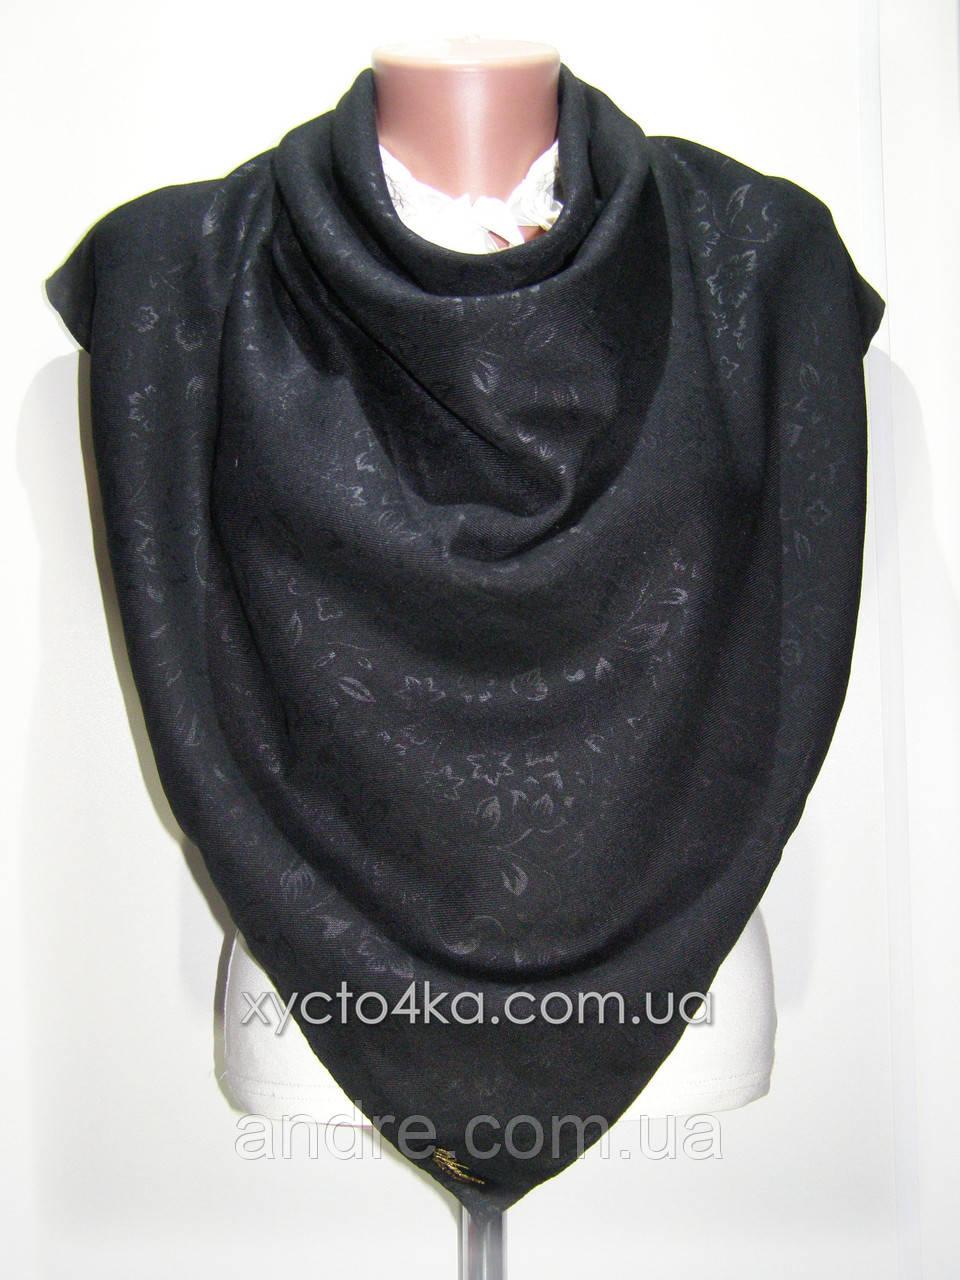 Однотонные шерстяные платки Прованс, чёрный